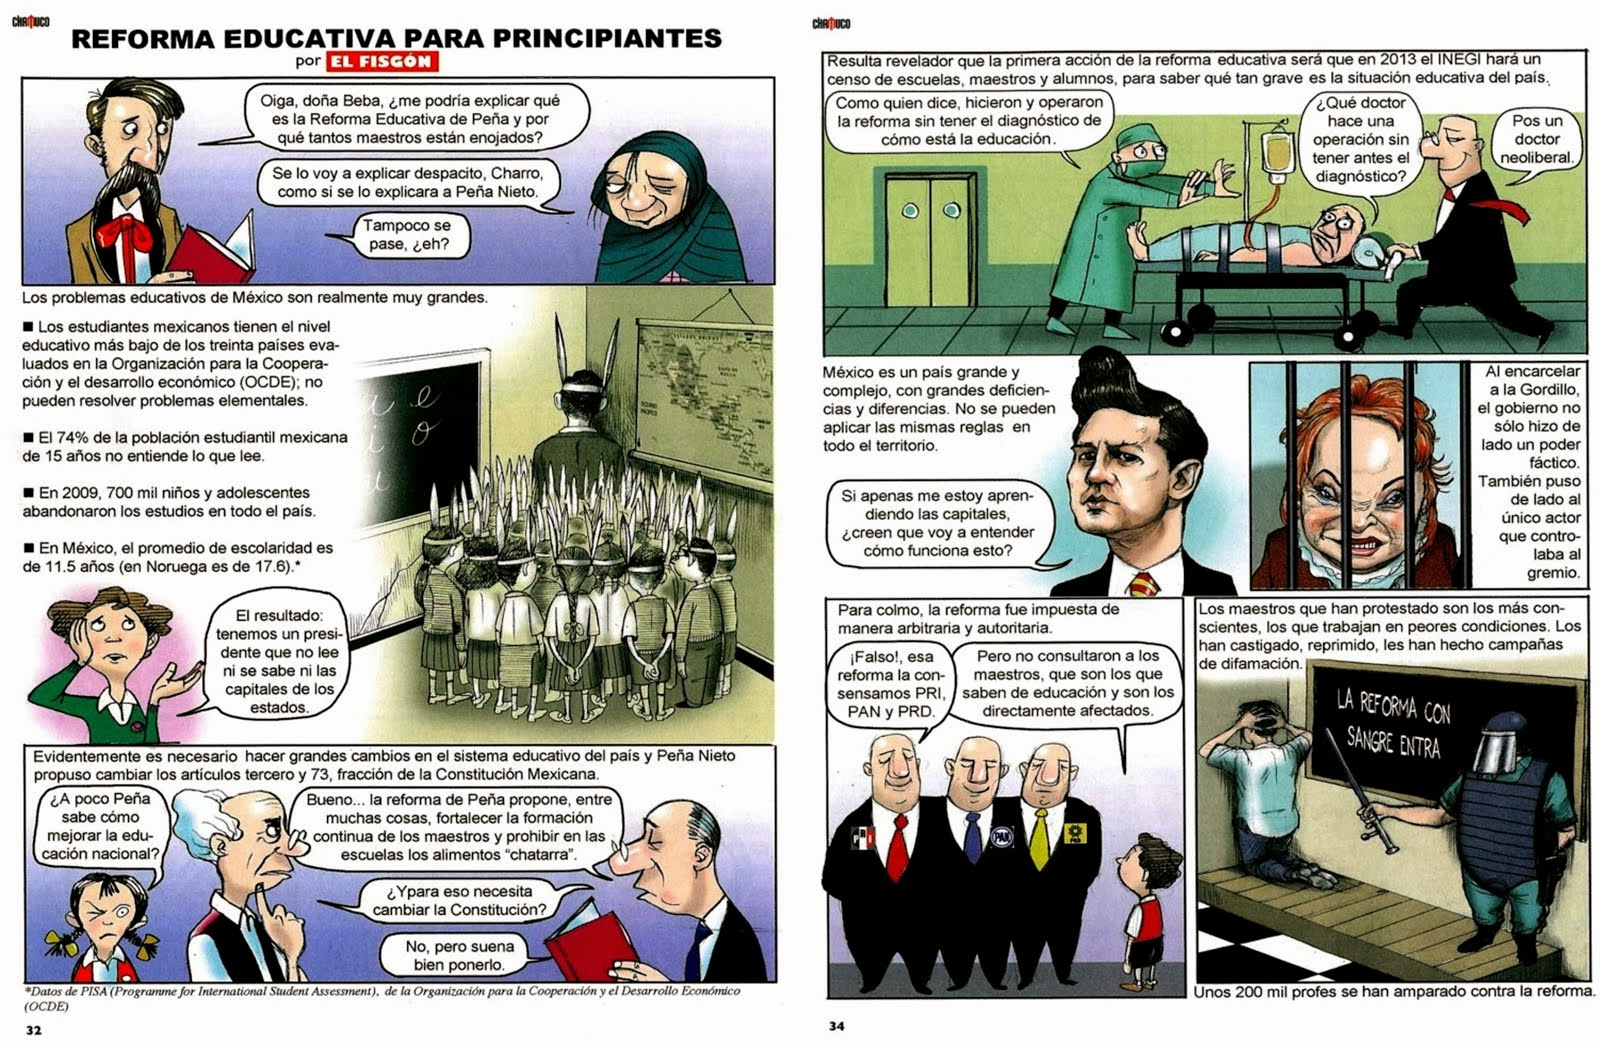 Reforma educativa para principiantes.